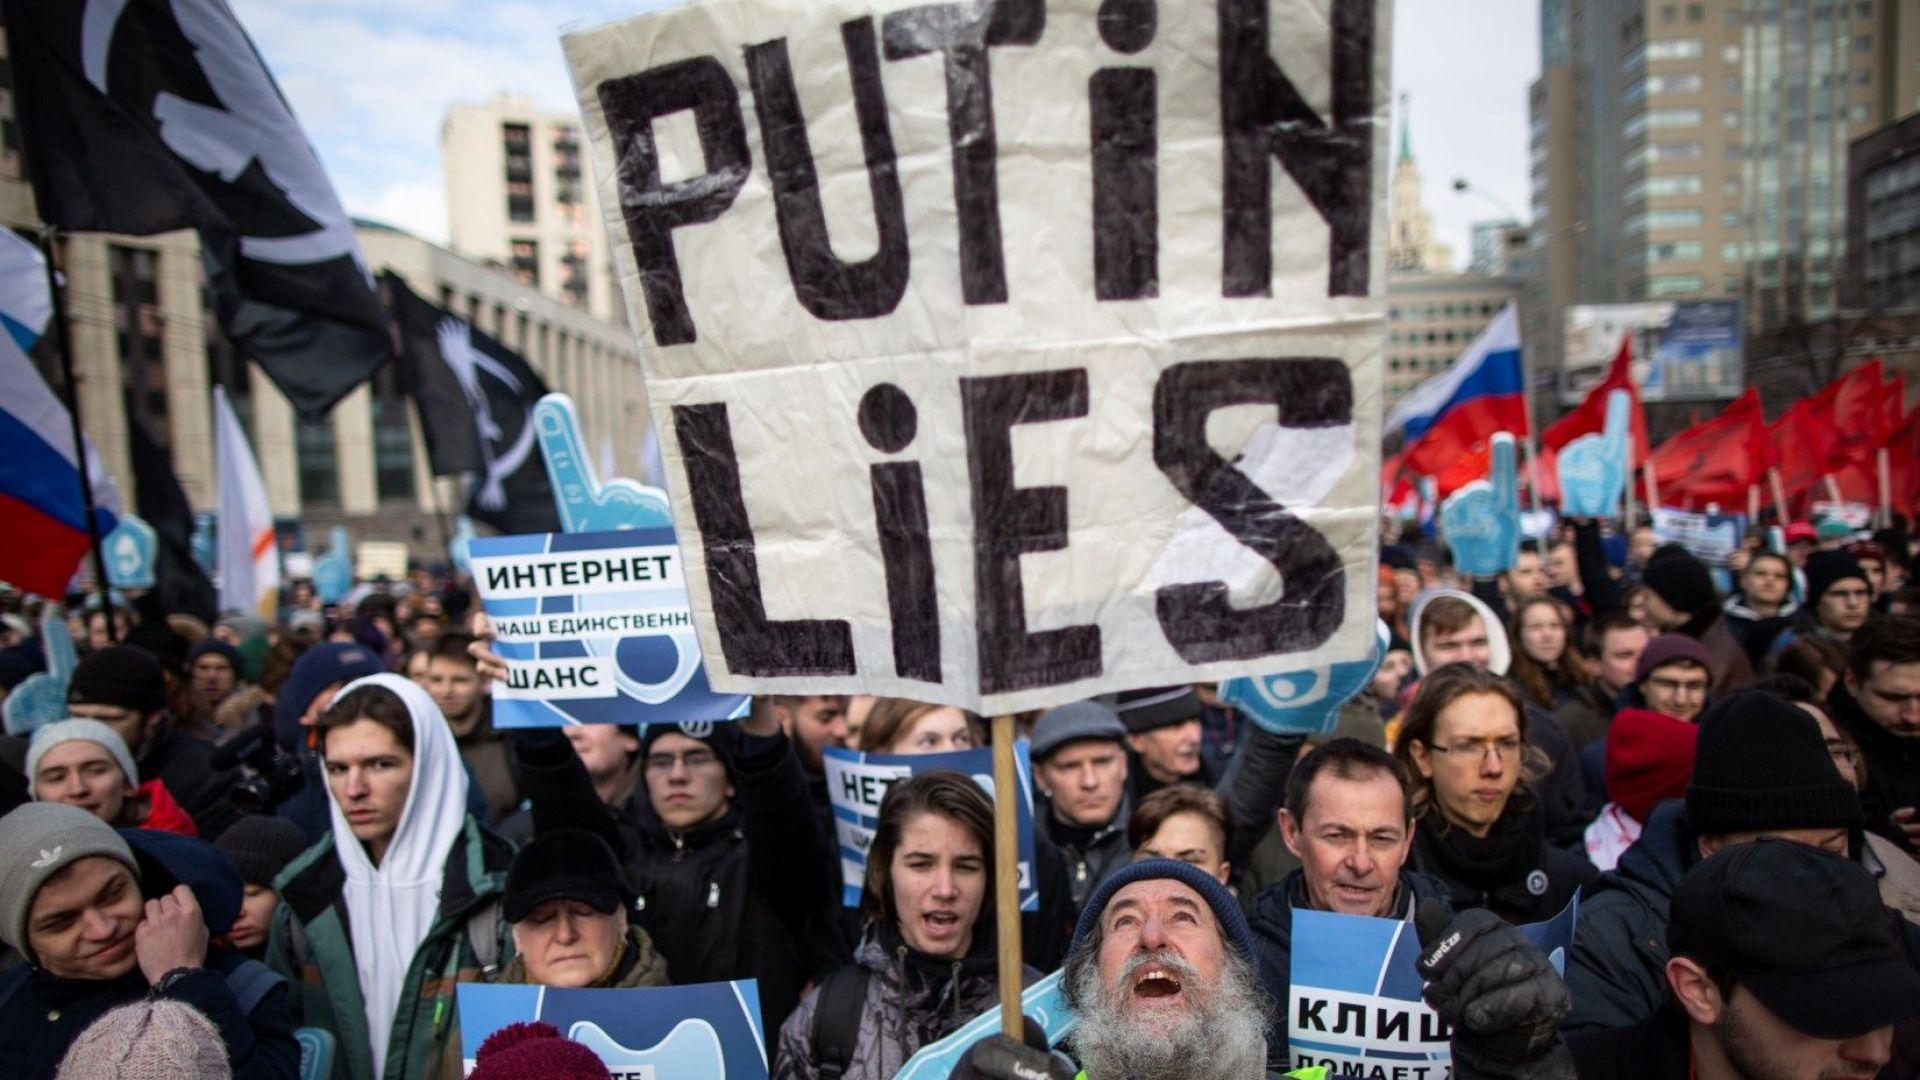 Кремъл след масовите протести: Целта ни не е да блокираме интернет